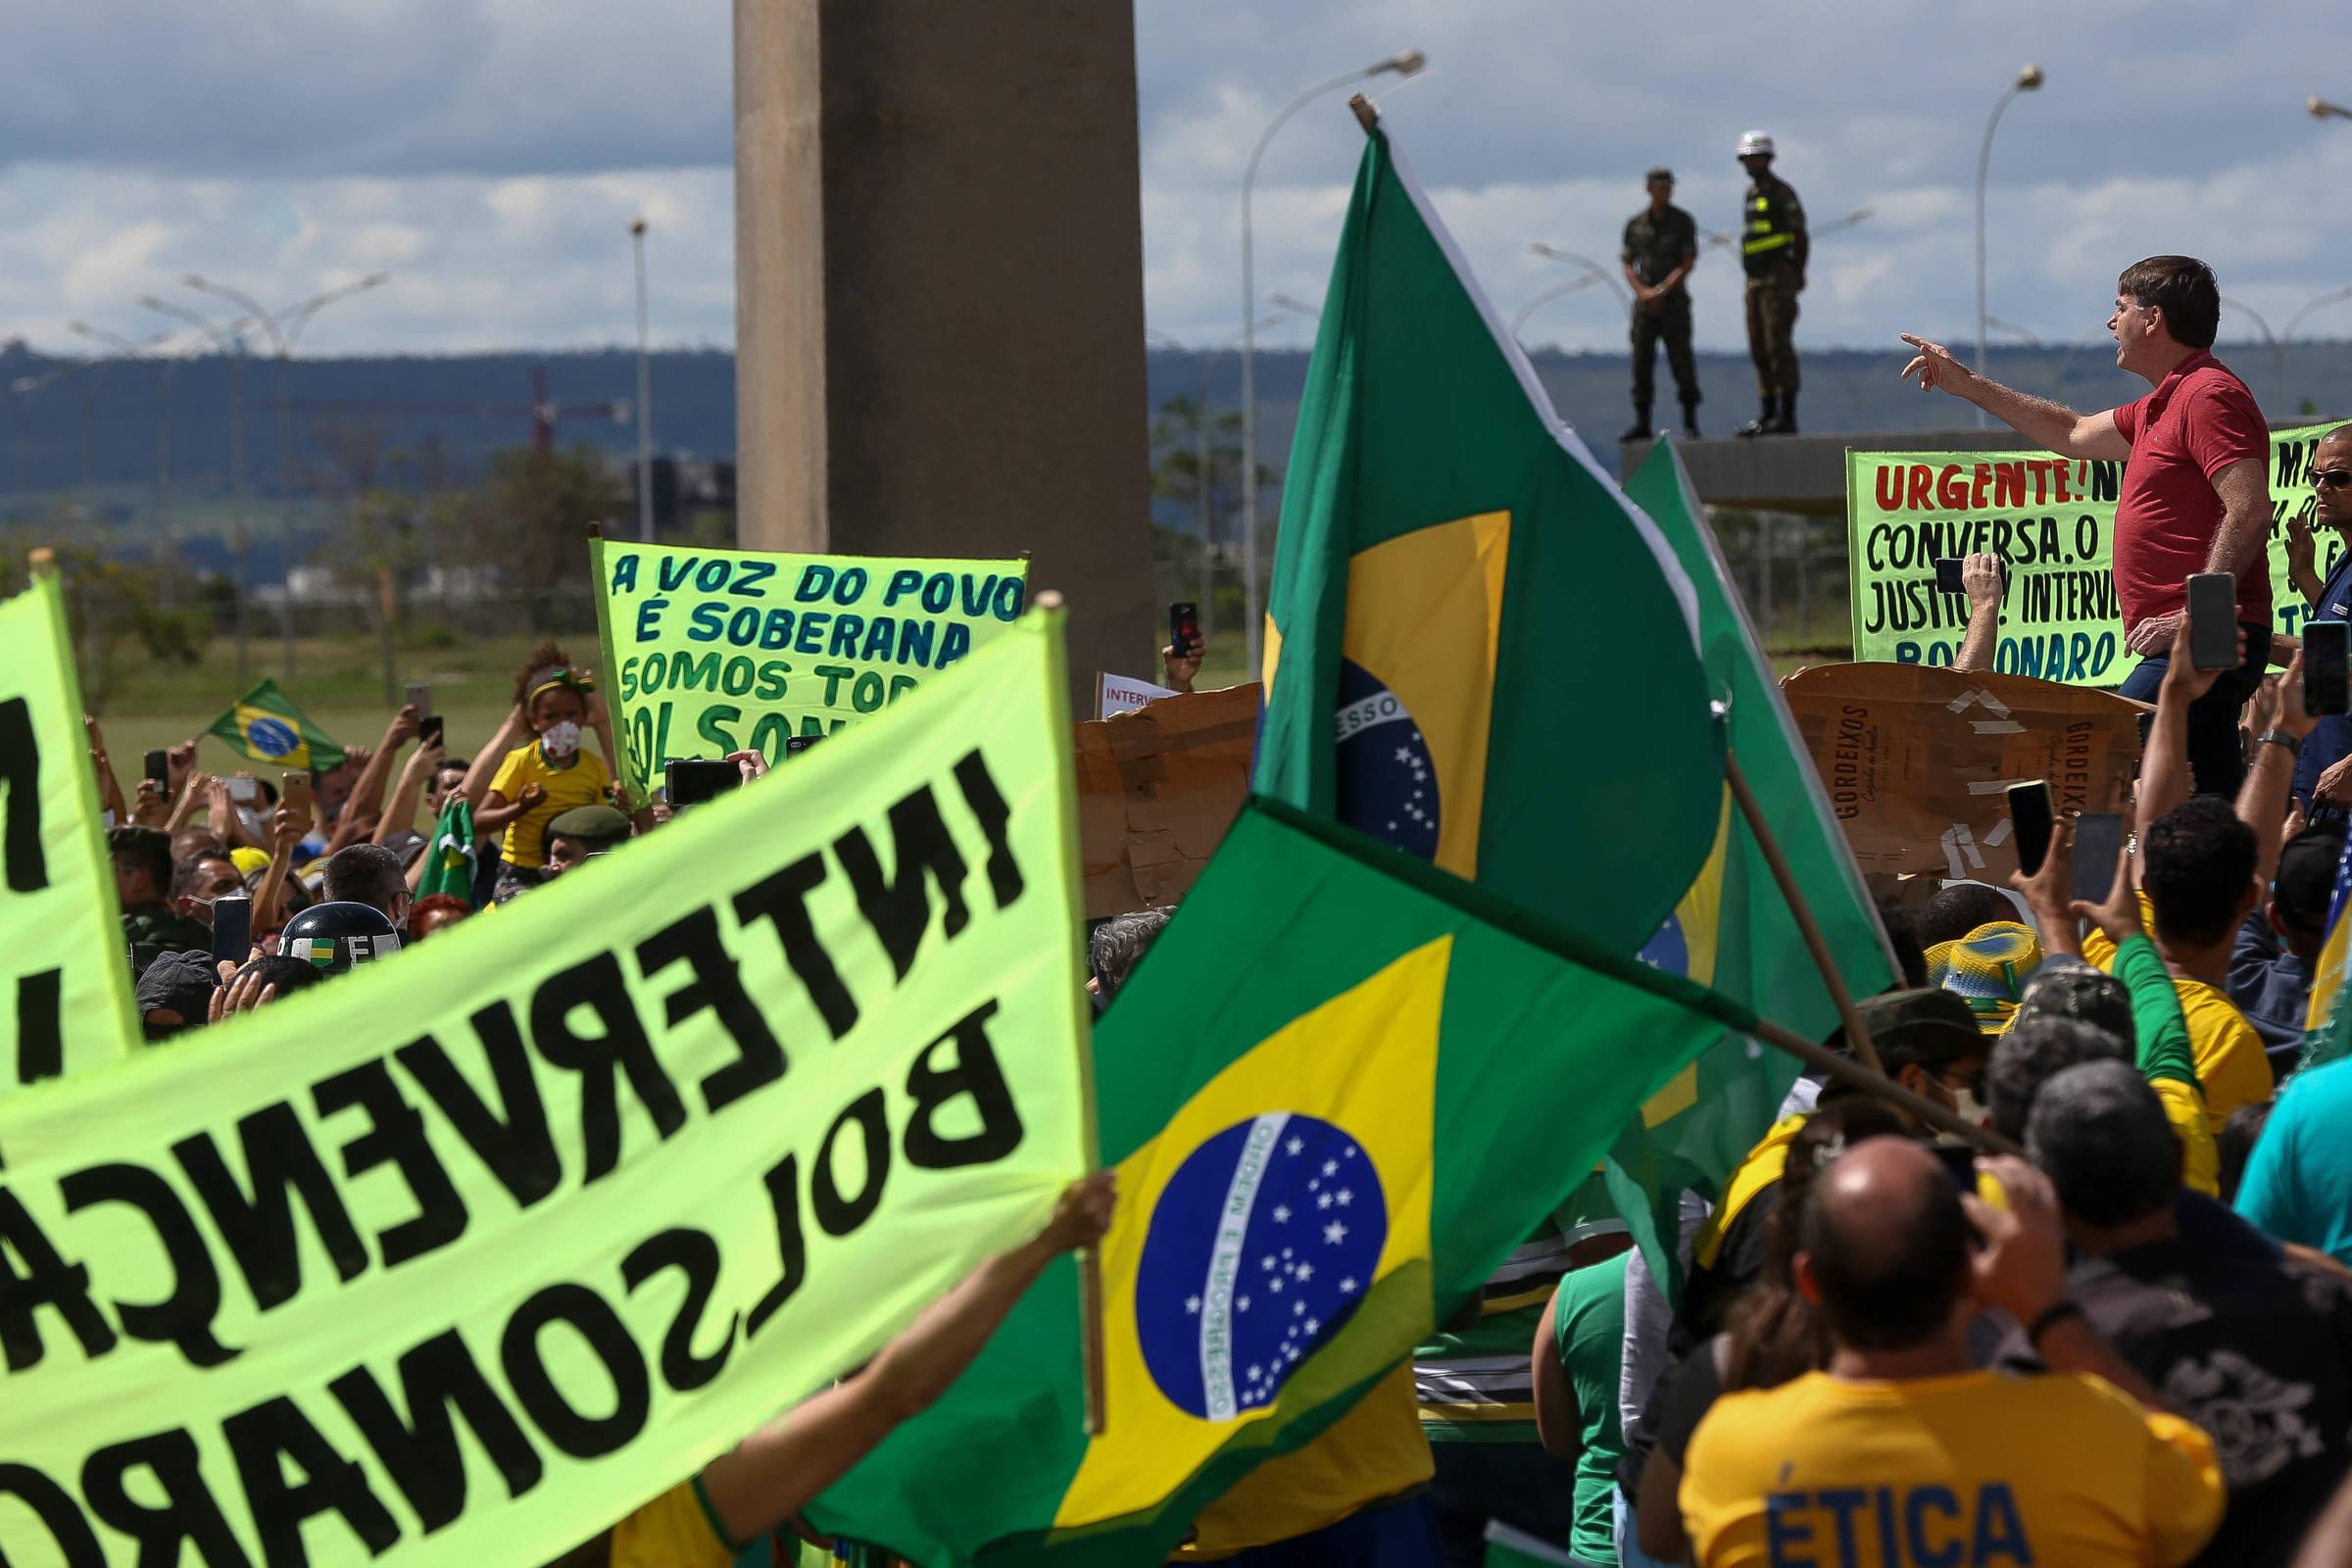 Manifestos pró-democráticos querem criar um clima de Diretas já após o ataque a Bolsonaro - 31.05.2020. - Poder